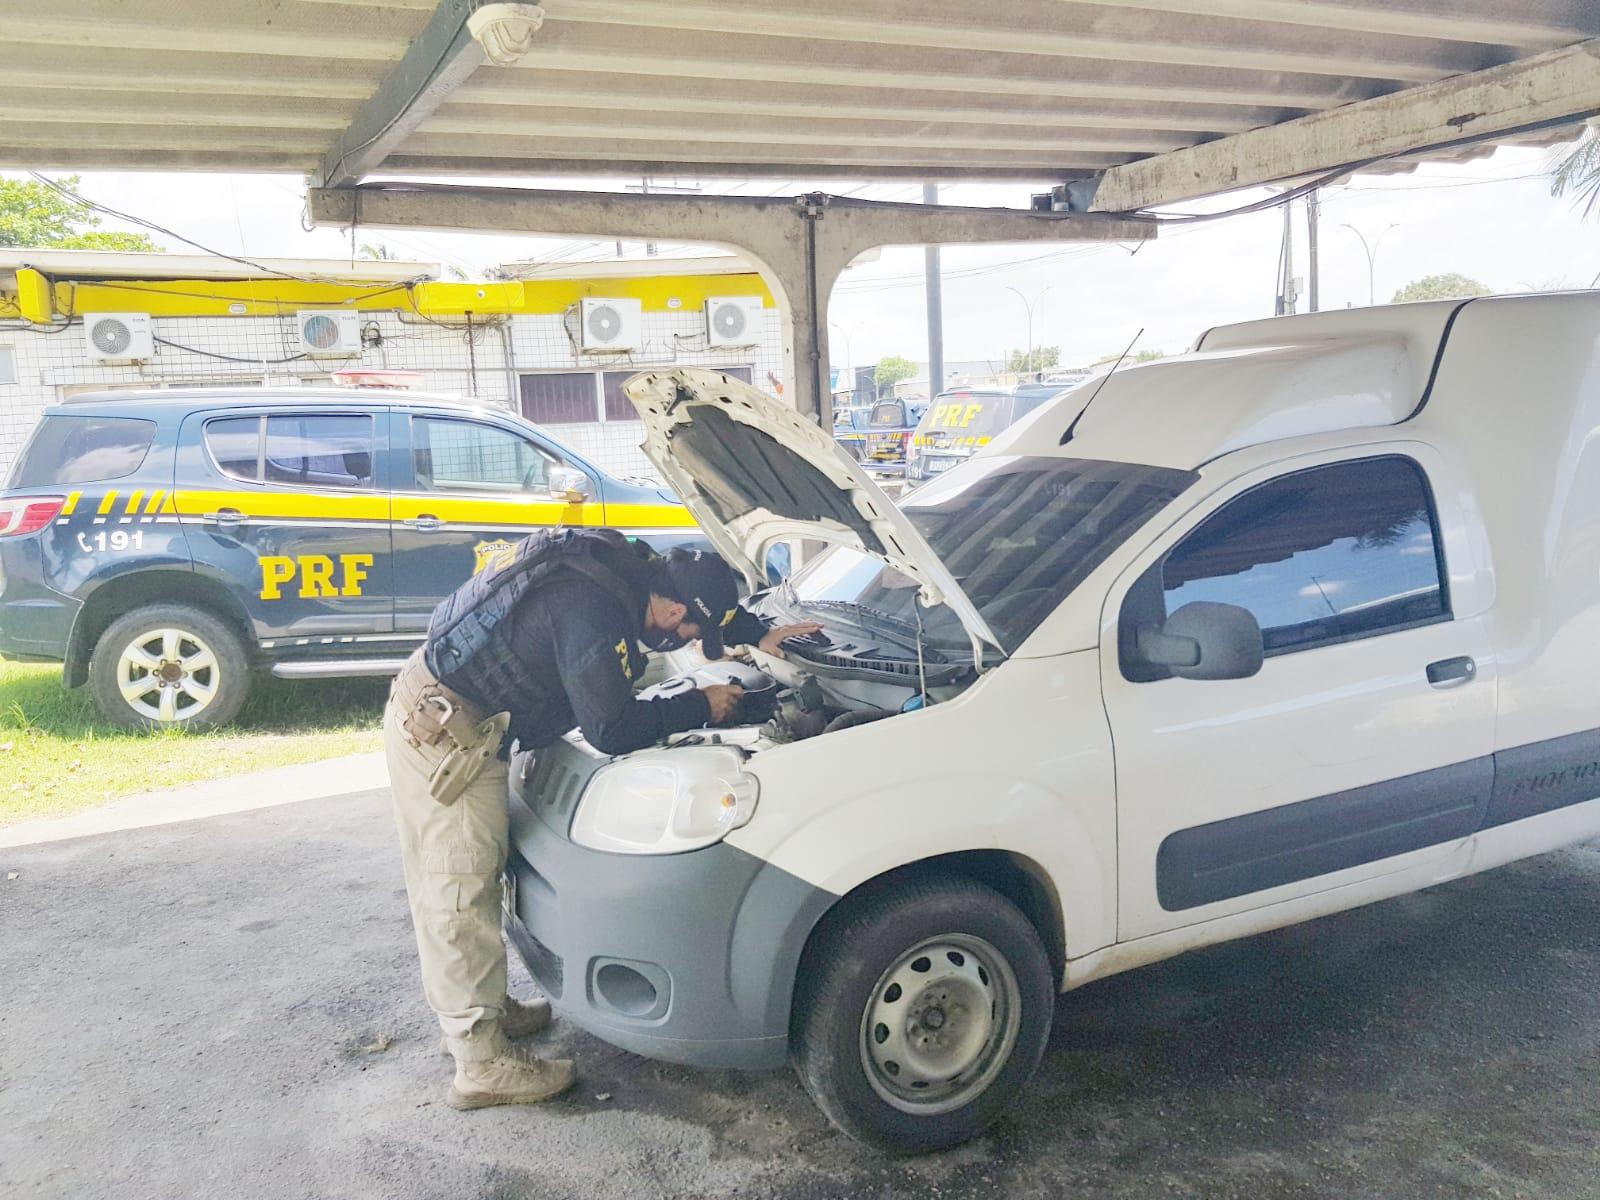 Criminoso abandonou veículo e correu para uma comunidade às margens da rodovia. (PRF/Divulgação)